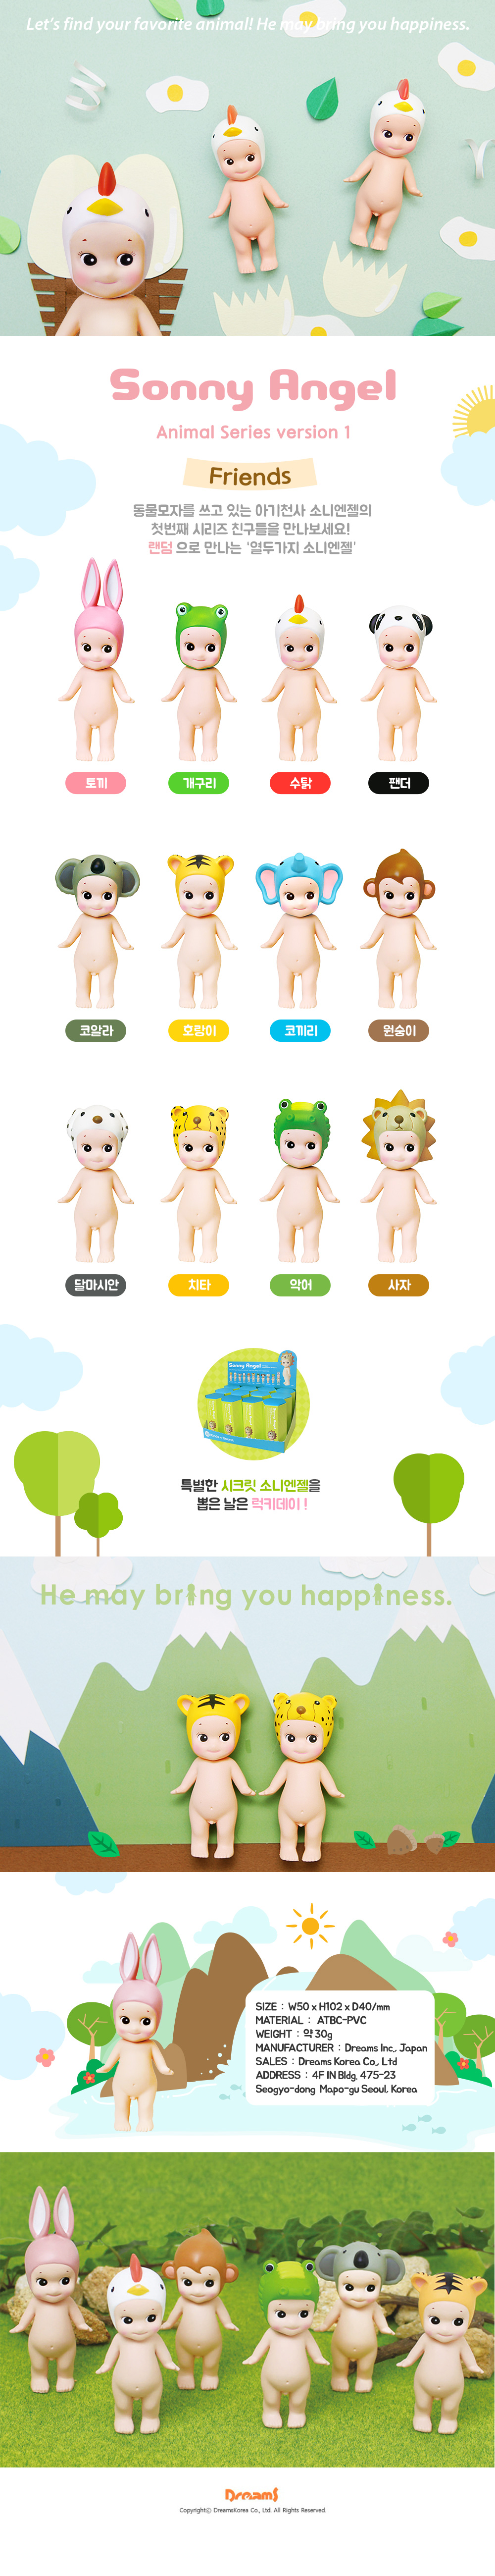 [드림즈코리아 정품 소니엔젤] 미니피규어_Animal 1 ver (랜덤) - 소니엔젤, 6,900원, 아시아 피규어, 소니엔젤